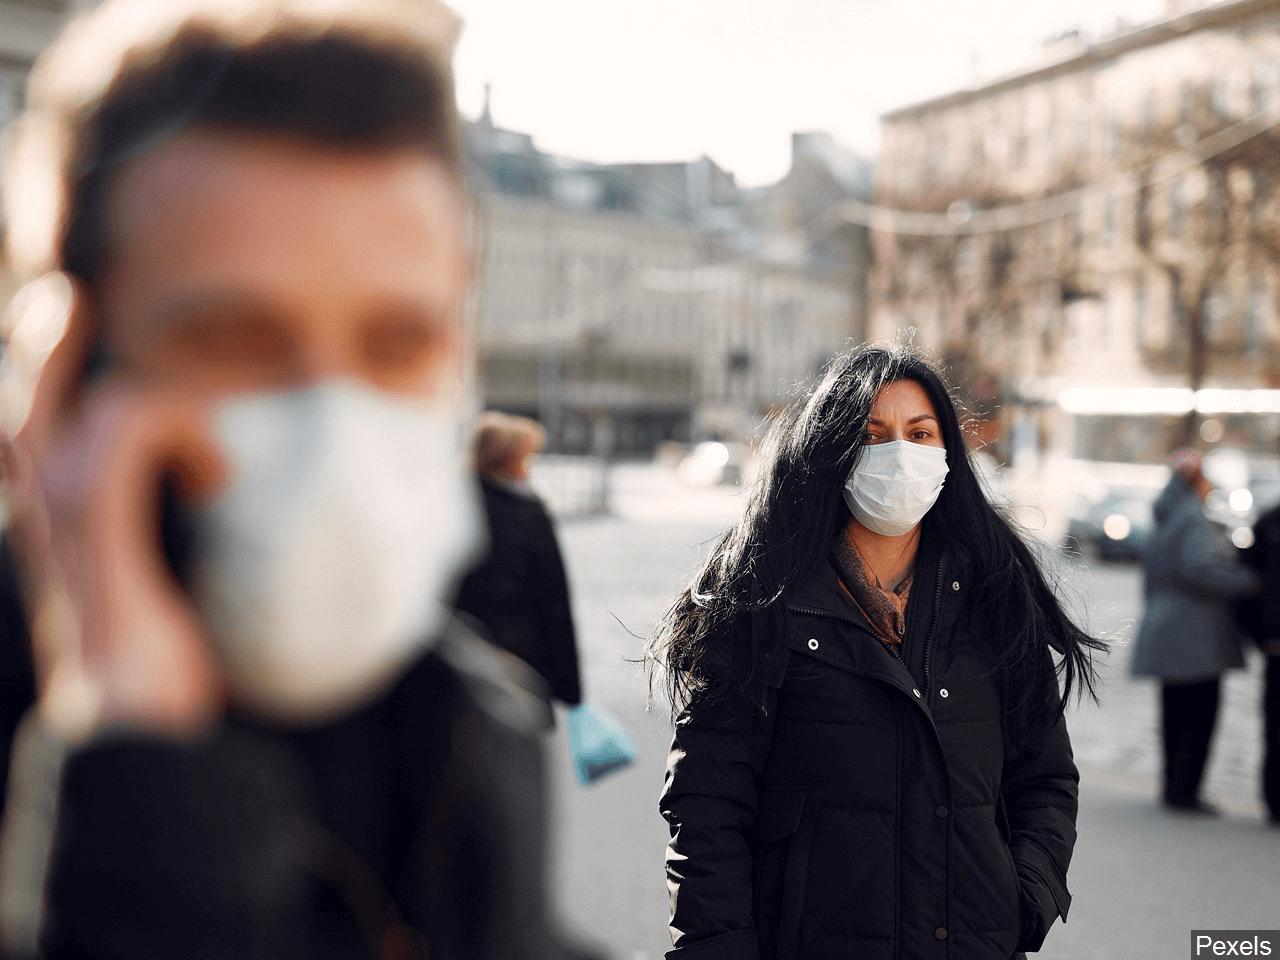 Maske İhracatındaki Ön İzin Şartı Bazı Tip Ürünler İçin Kaldırıldı